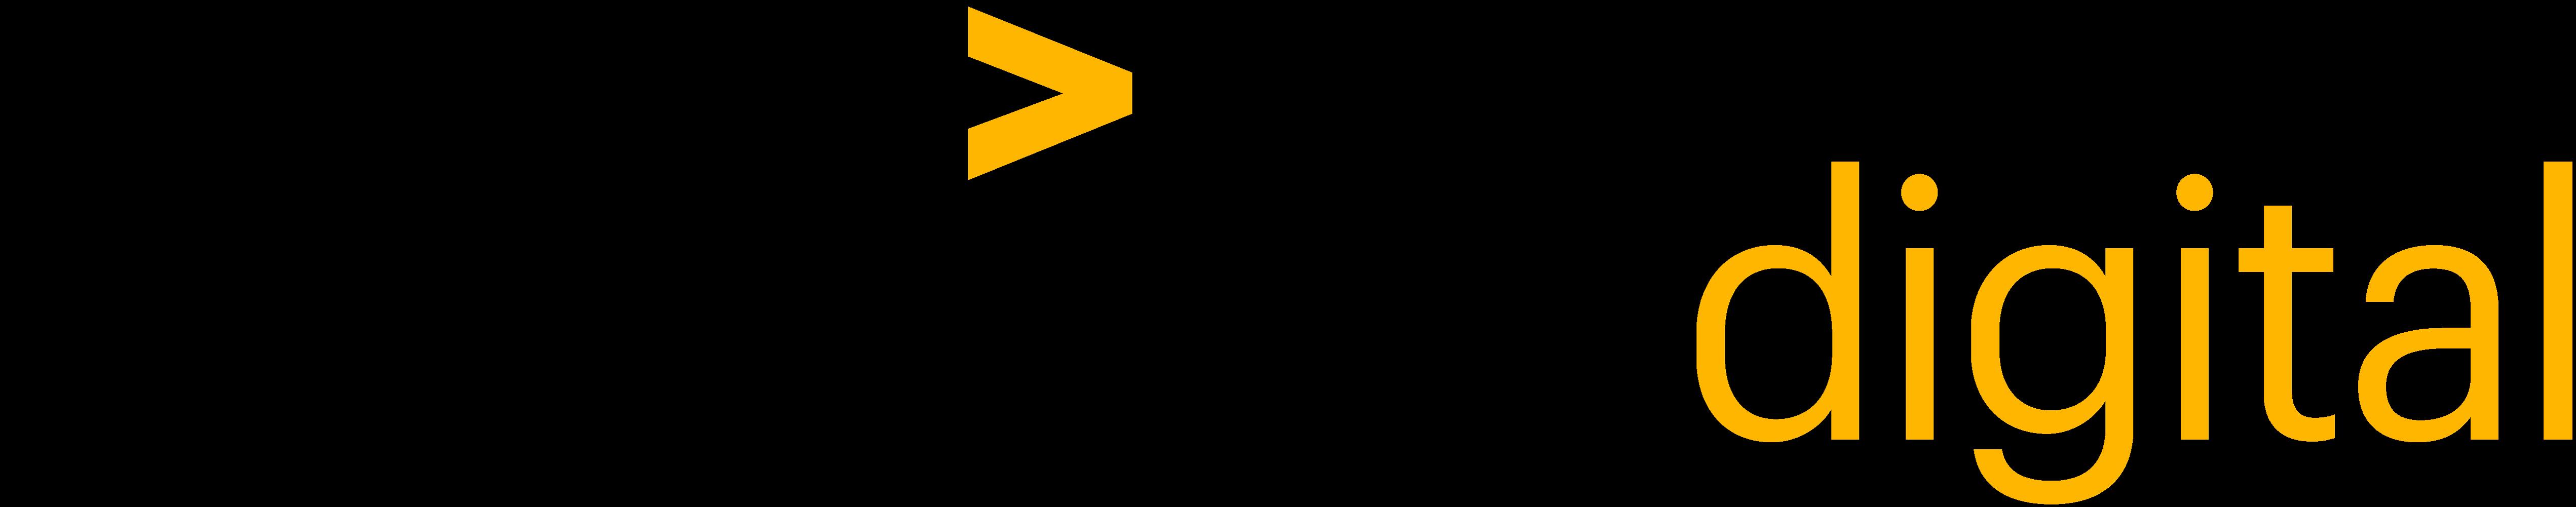 Accenture digital